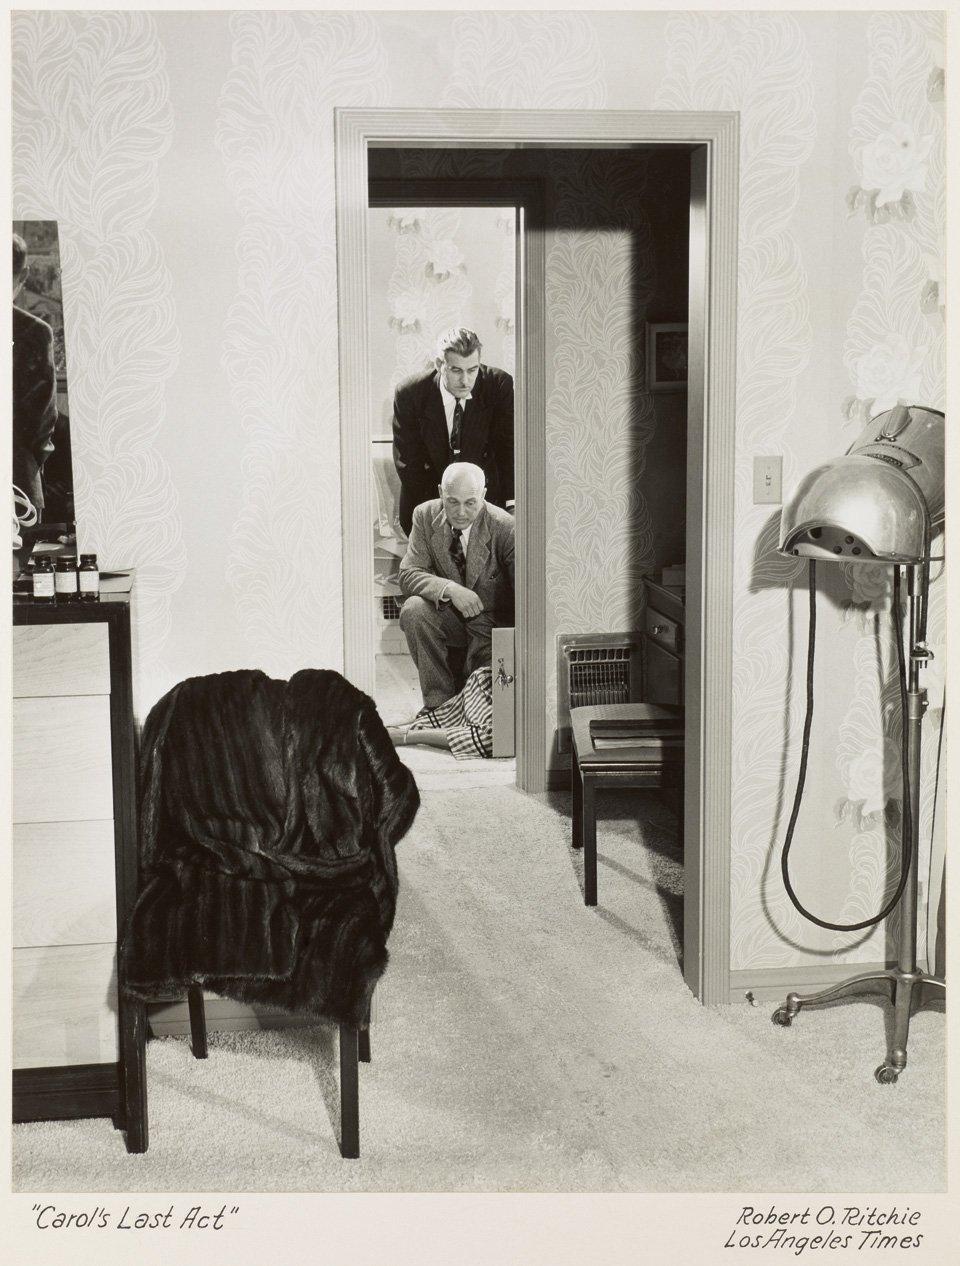 p.334, des inspecteurs examinent le corps de l'actrice Carole Landis qui, après plusieurs dépressions et mariages ratés, a succombé à une overdose de Seconal; 1948. Copyright Jim Heimann Collection/Courtesy TASCHEN.